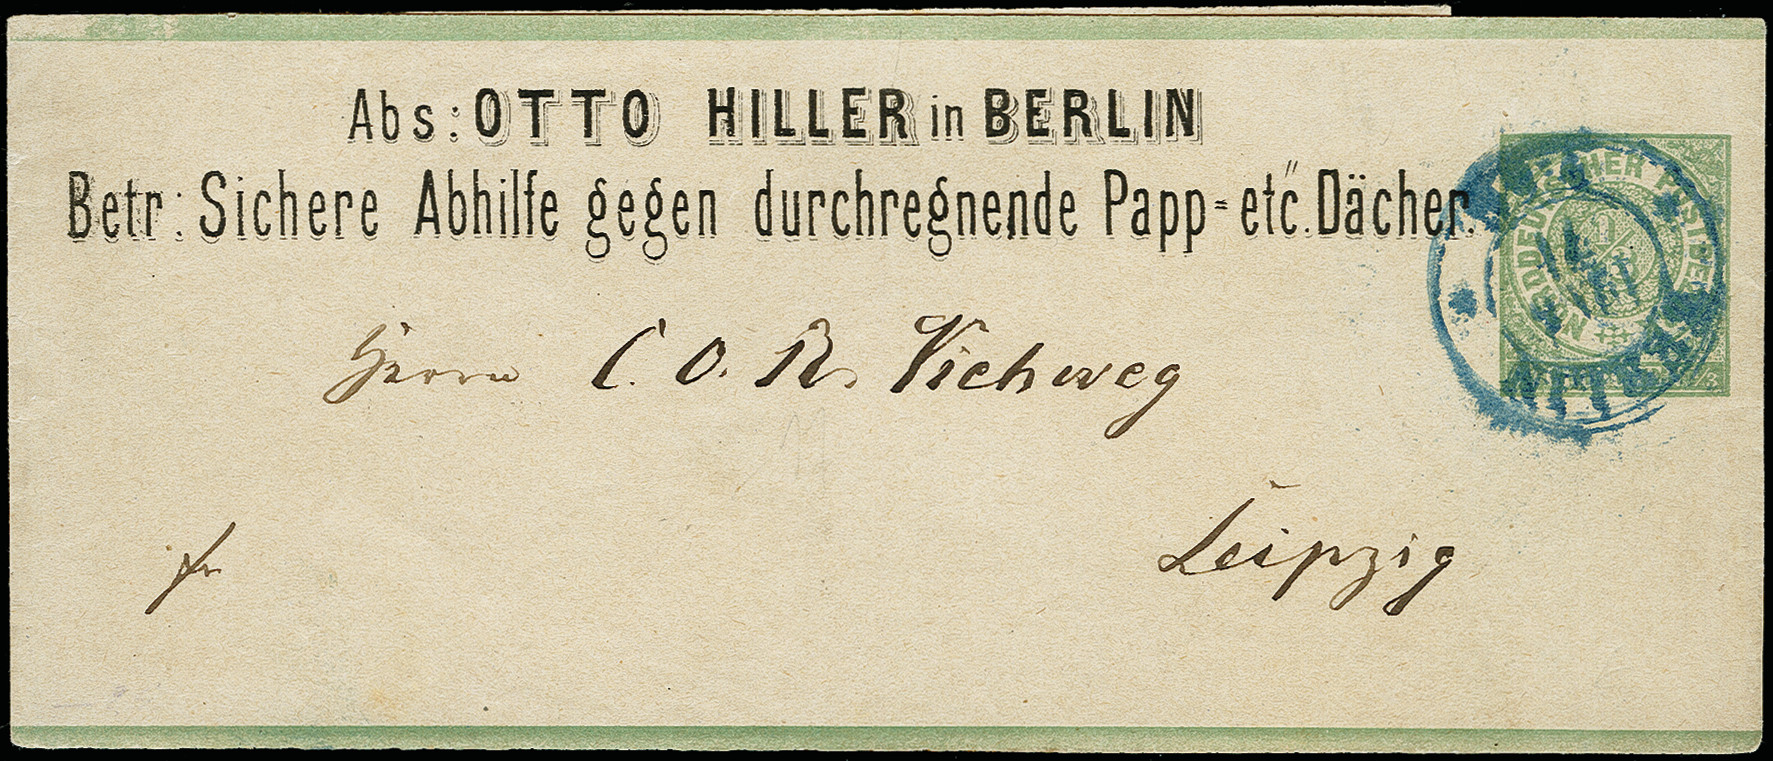 Lot 3120 - norddeutscher postbezirk Norddeutscher Postbezirk - postal stationary -  Heinrich Koehler Auktionen 373rd Heinrich Köhler auction - Day 5